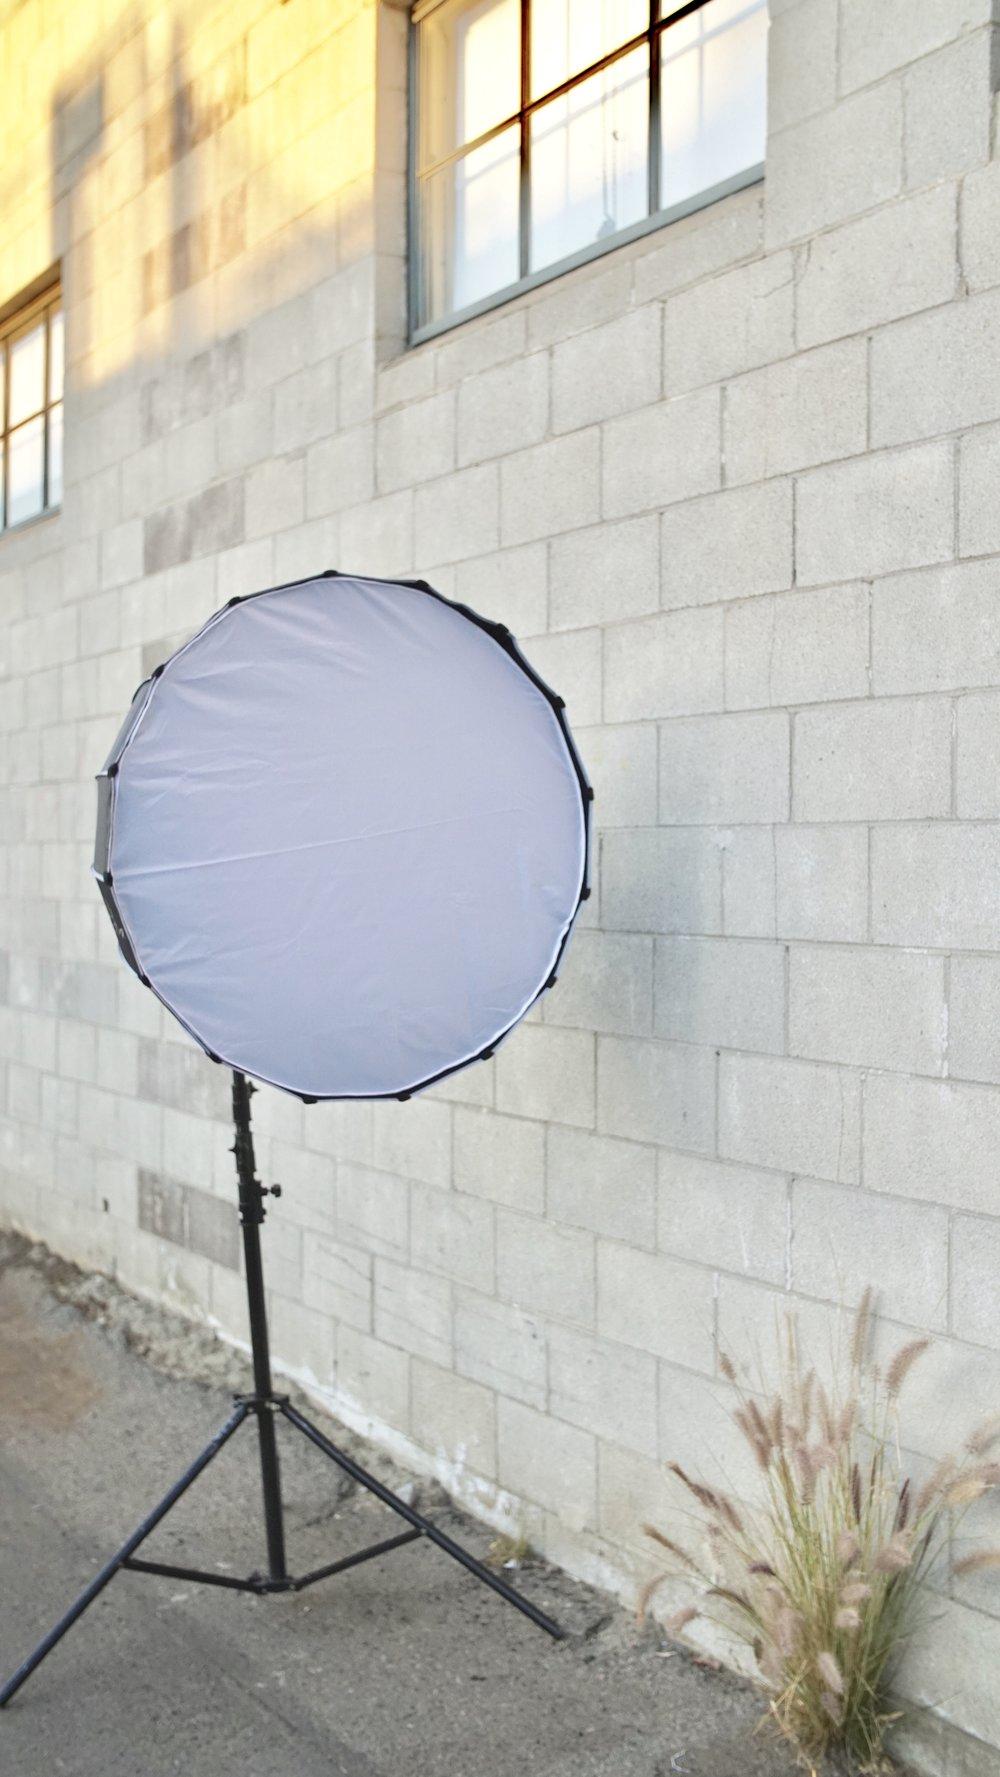 Apurture 300D Light